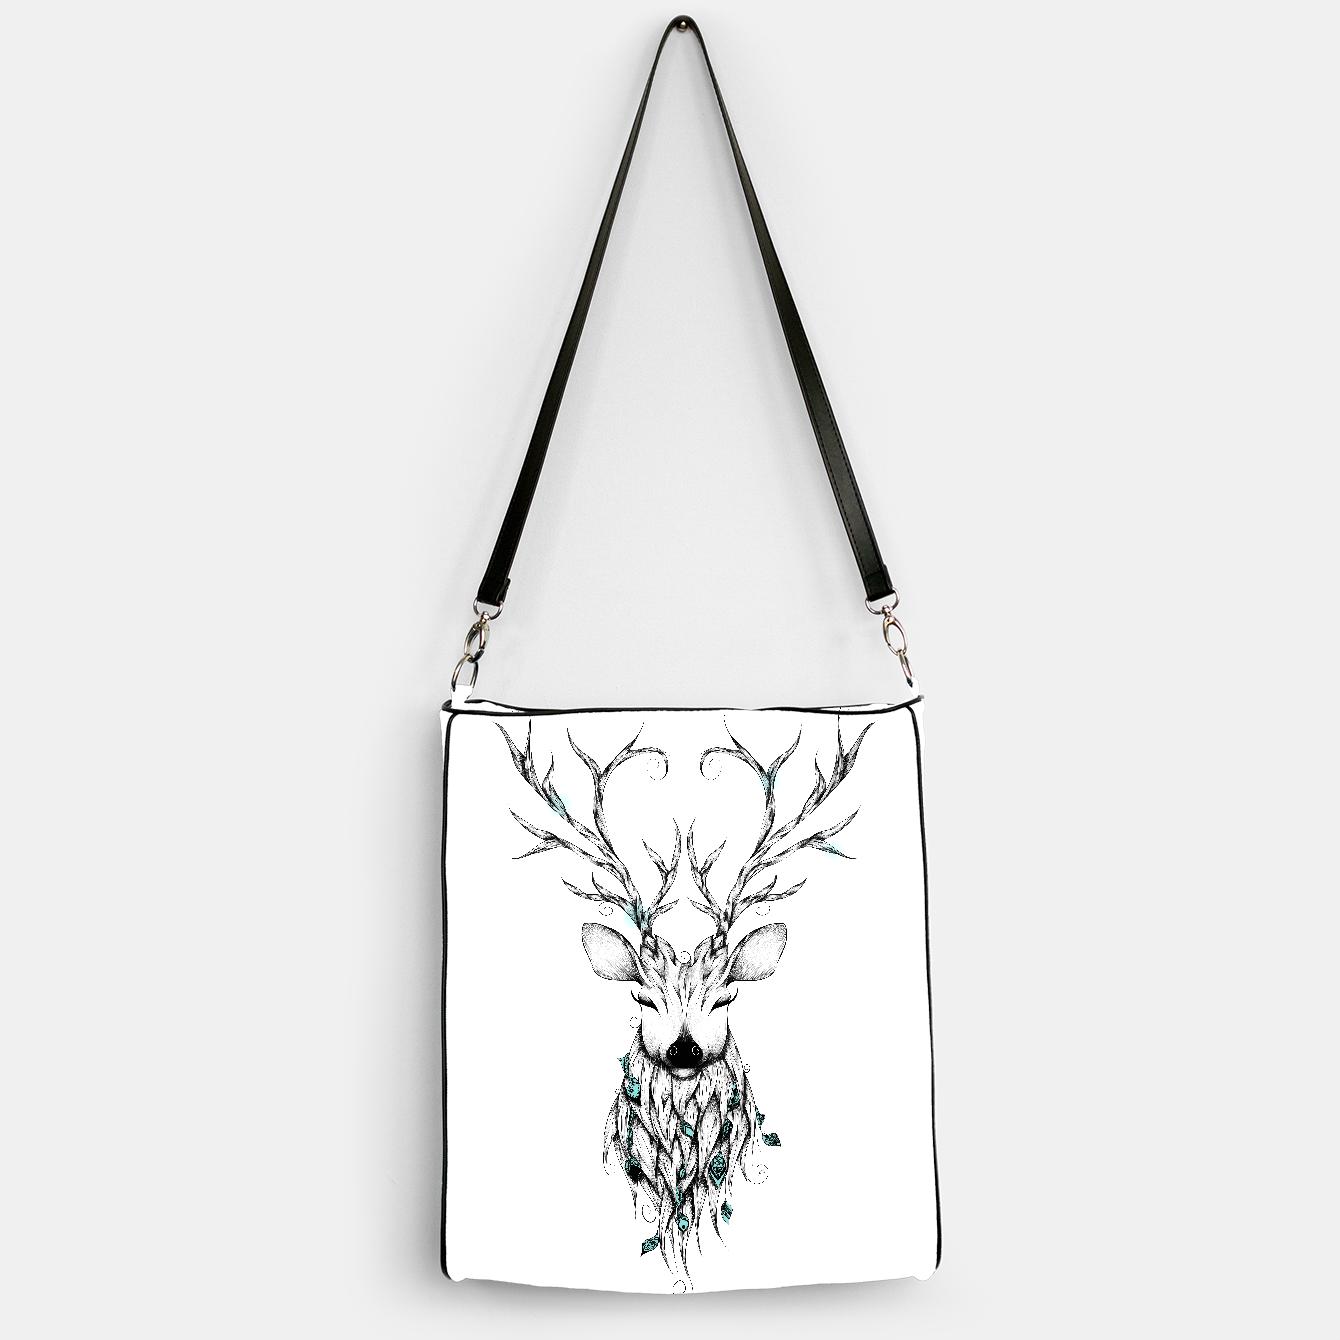 #art #loujah #liveheroes #handbag #bag #sac #boho #bohochic #bohofashion #bohostyle #mrgugu